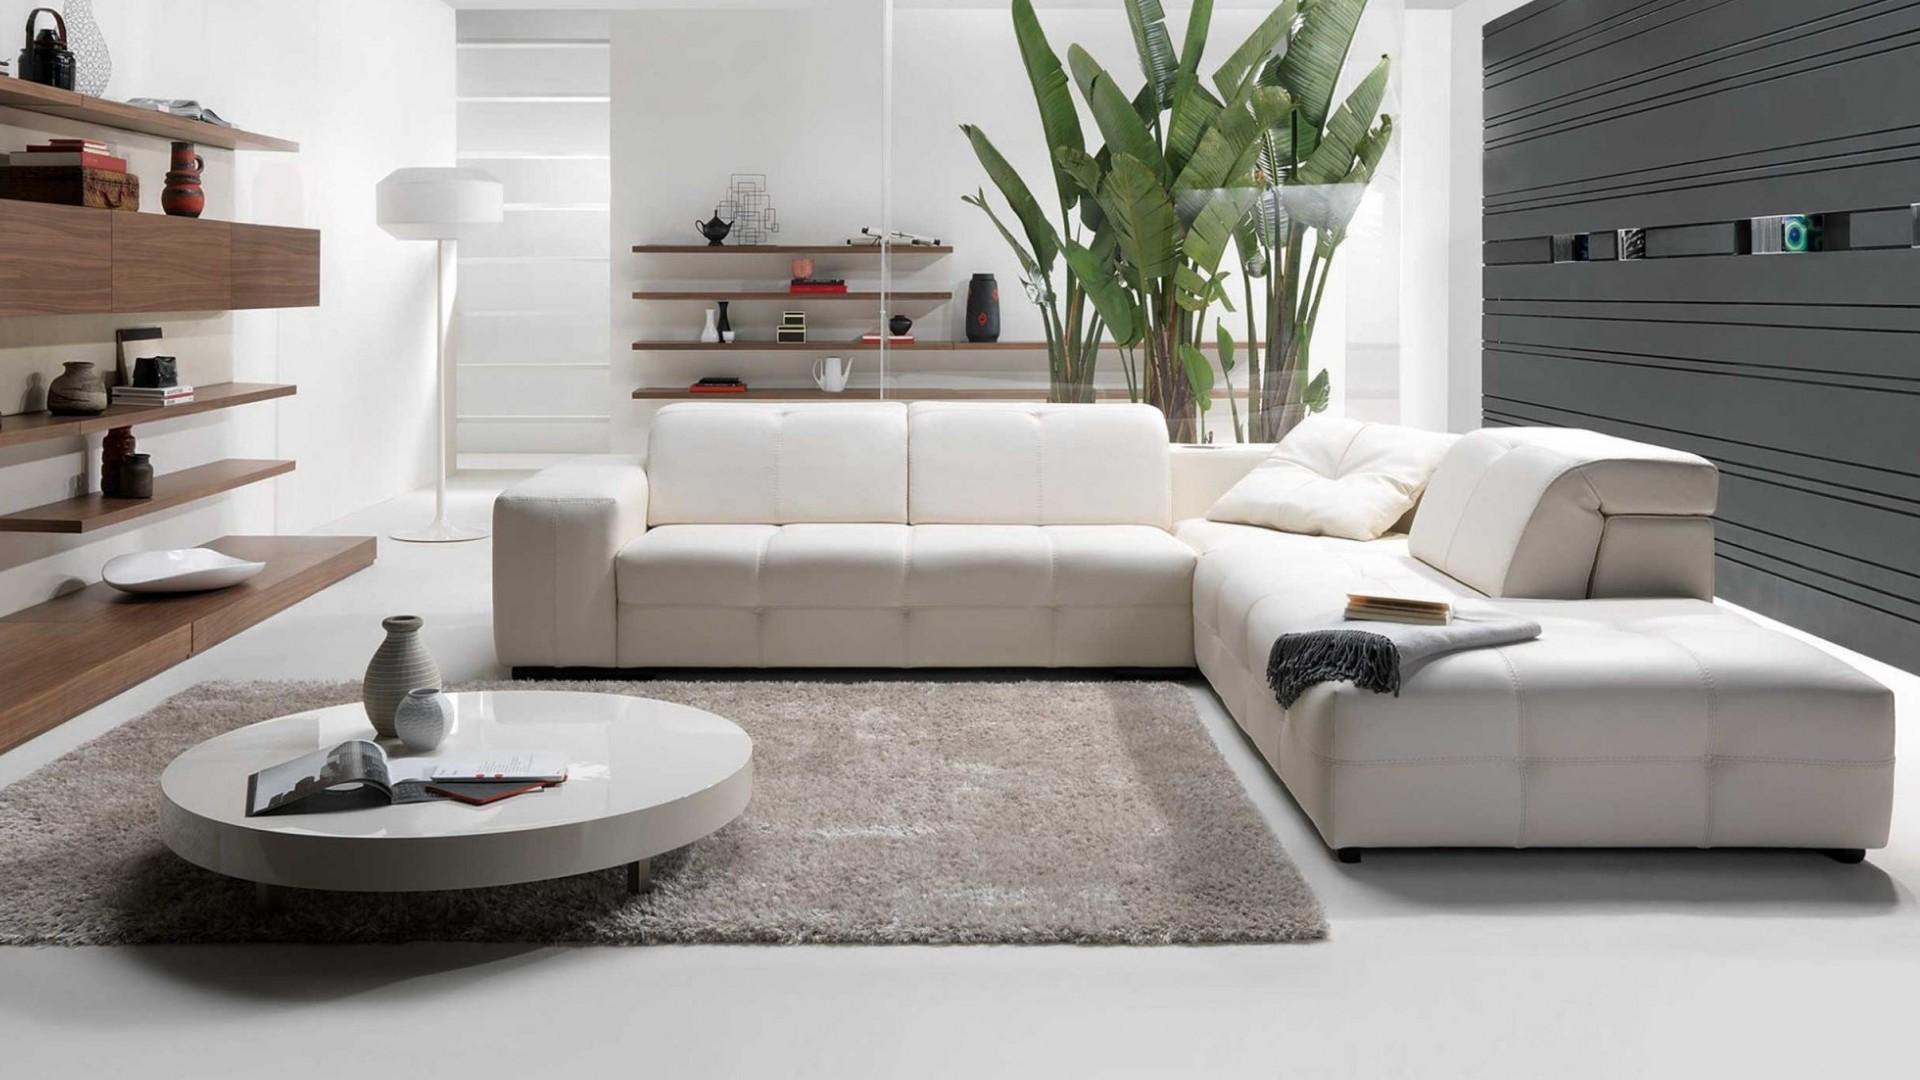 Кожаный диван хай-тек в интерьере